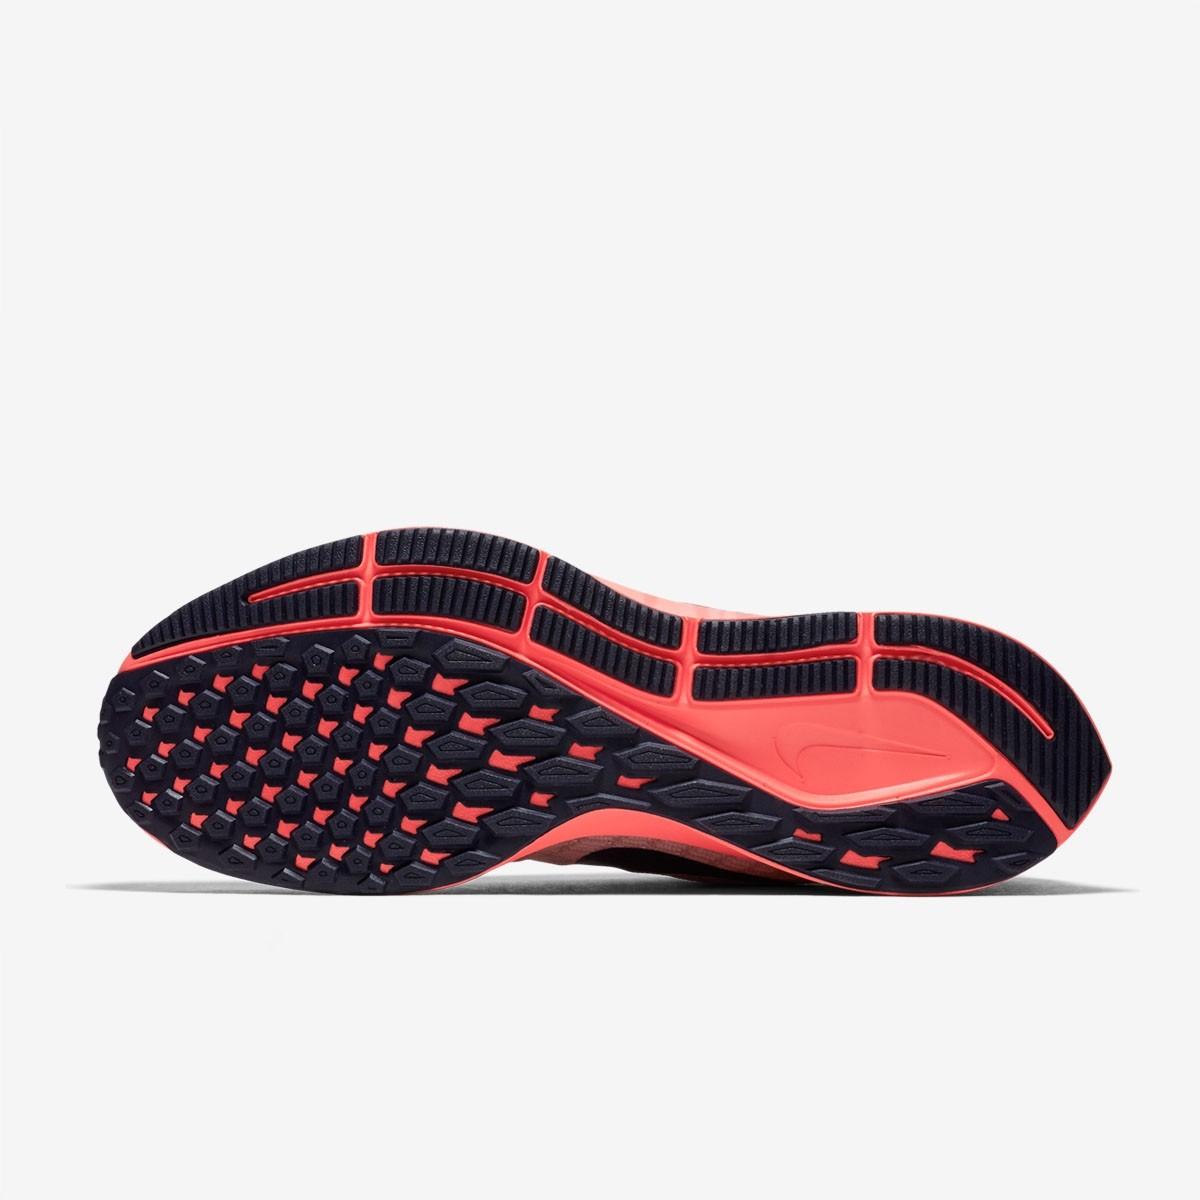 Nike Air Zoom Pegasus 35 'Cream' 942851-200